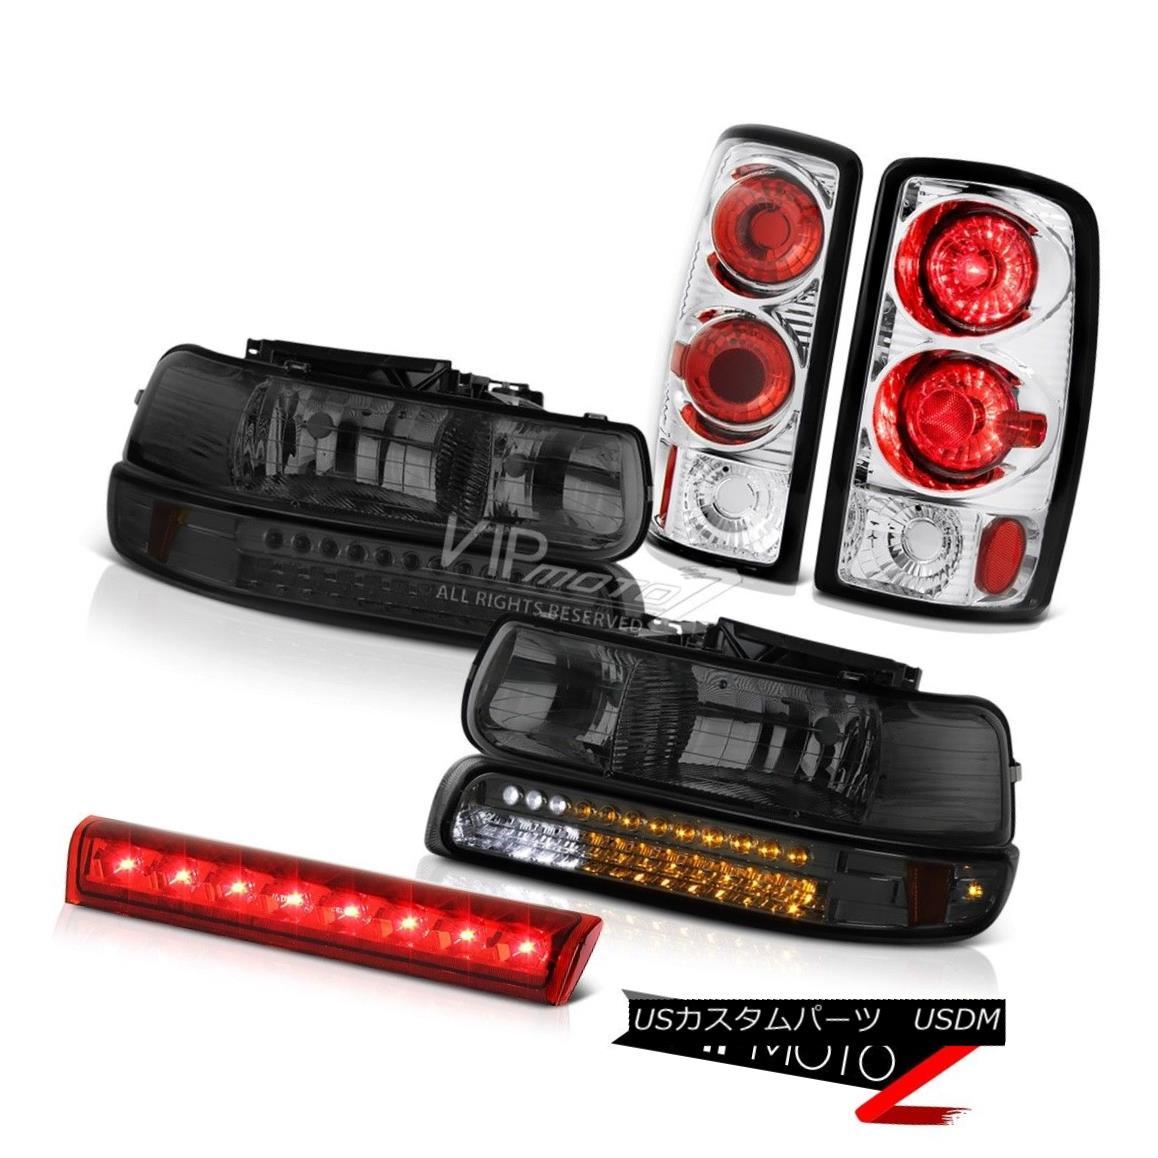 ヘッドライト 00 01 02 03 04 05 06 Suburban 1500 DRL Parking Headlights Euro Chrome Taillight 00 01 02 03 04 05 06郊外1500 DRLパーキングヘッドライトEuro Chrome Taillight